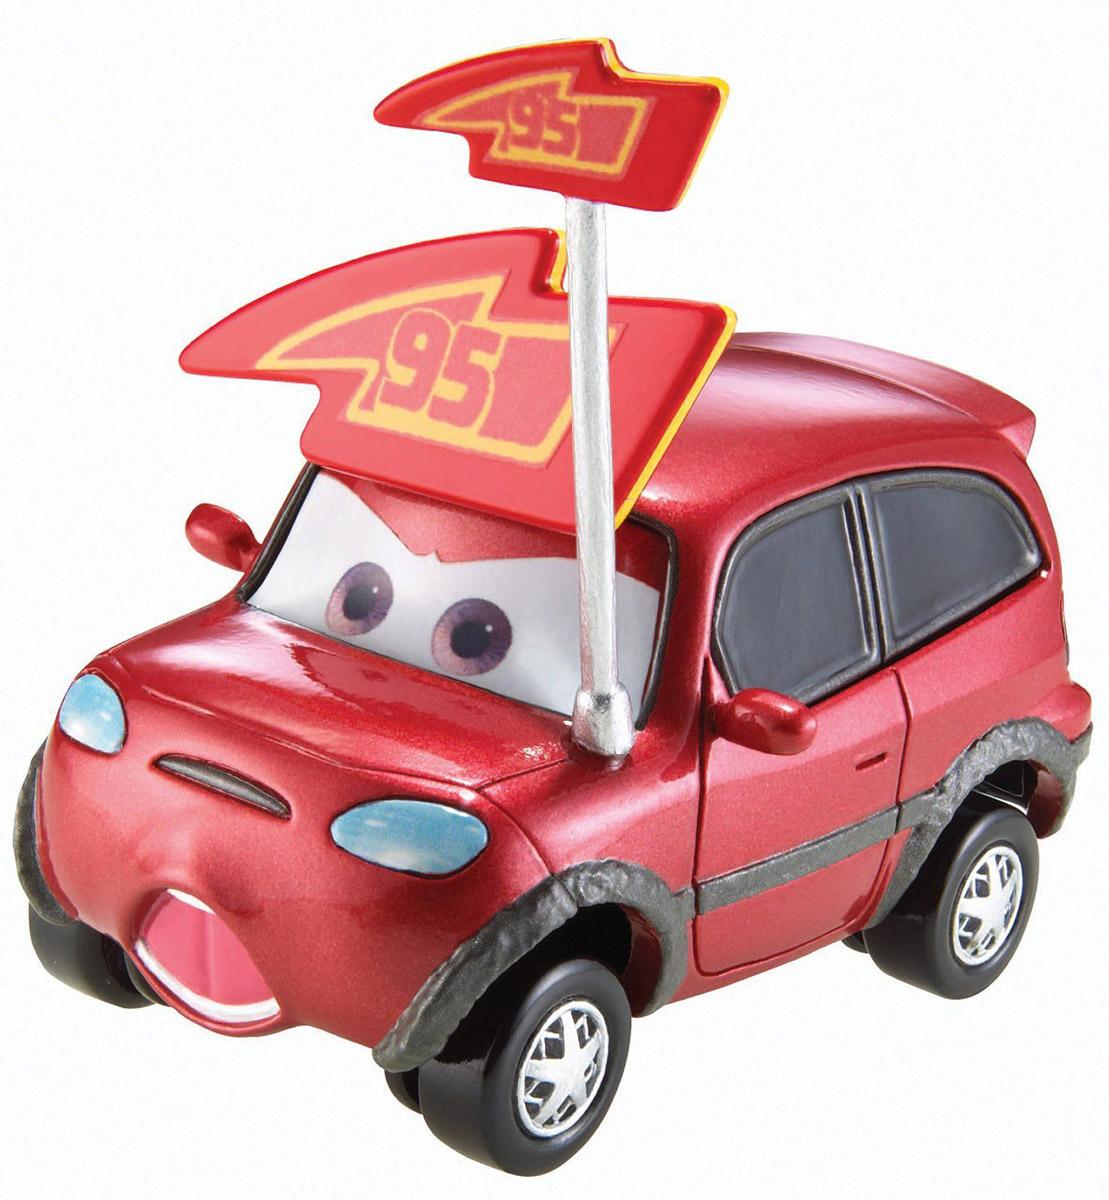 Cars Машинка Timothy TwostrokeW1938_DLY78Машинка Cars Timothy Twostroke станет отличным подарком для ребенка в возрасте от 3 лет. Модель выполнена в виде гоночного автомобиля из мультфильма Тачки. Машина вызовет массу восторга у поклонников диснеевского мультфильма об автомобильном мире. Изделие изготовлено из металла с пластиковыми элементами.